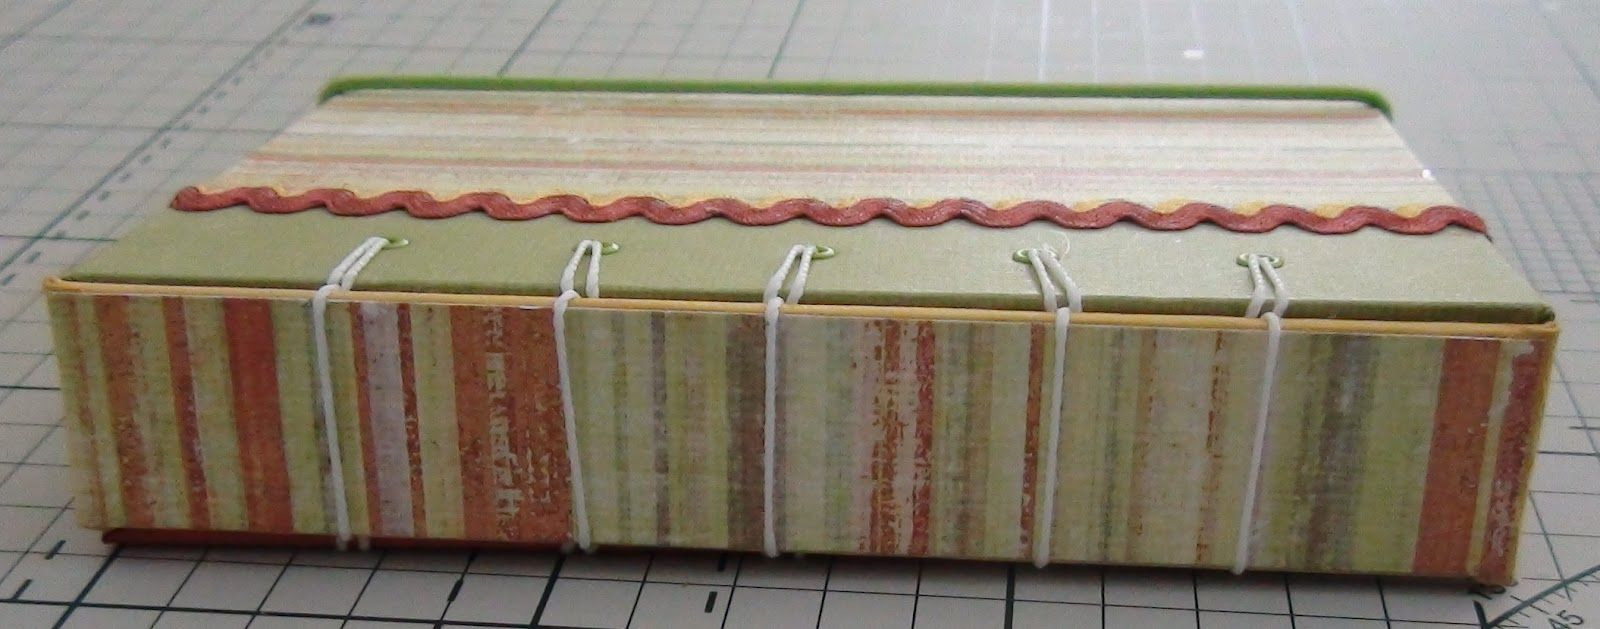 Caderno com costura exposta